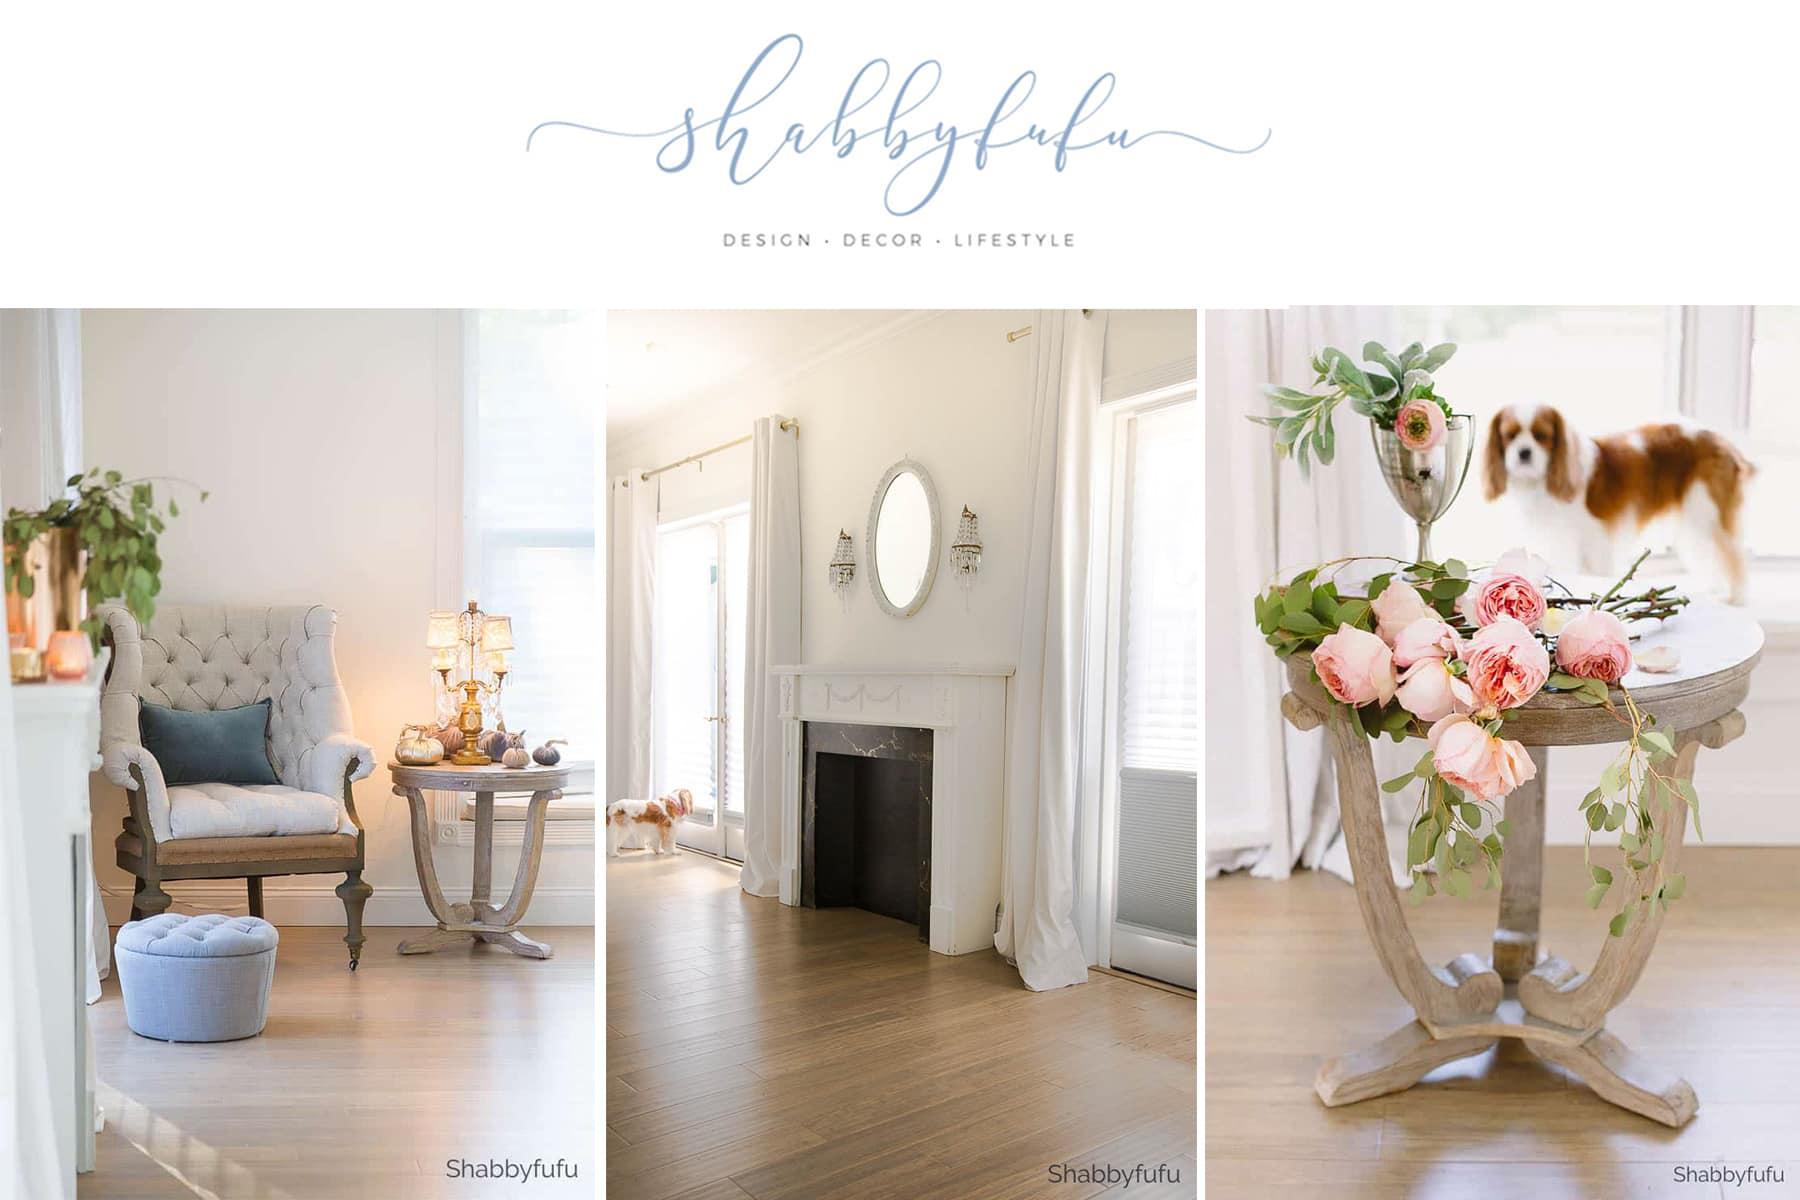 Style Showcase 56 - shabbyfufu